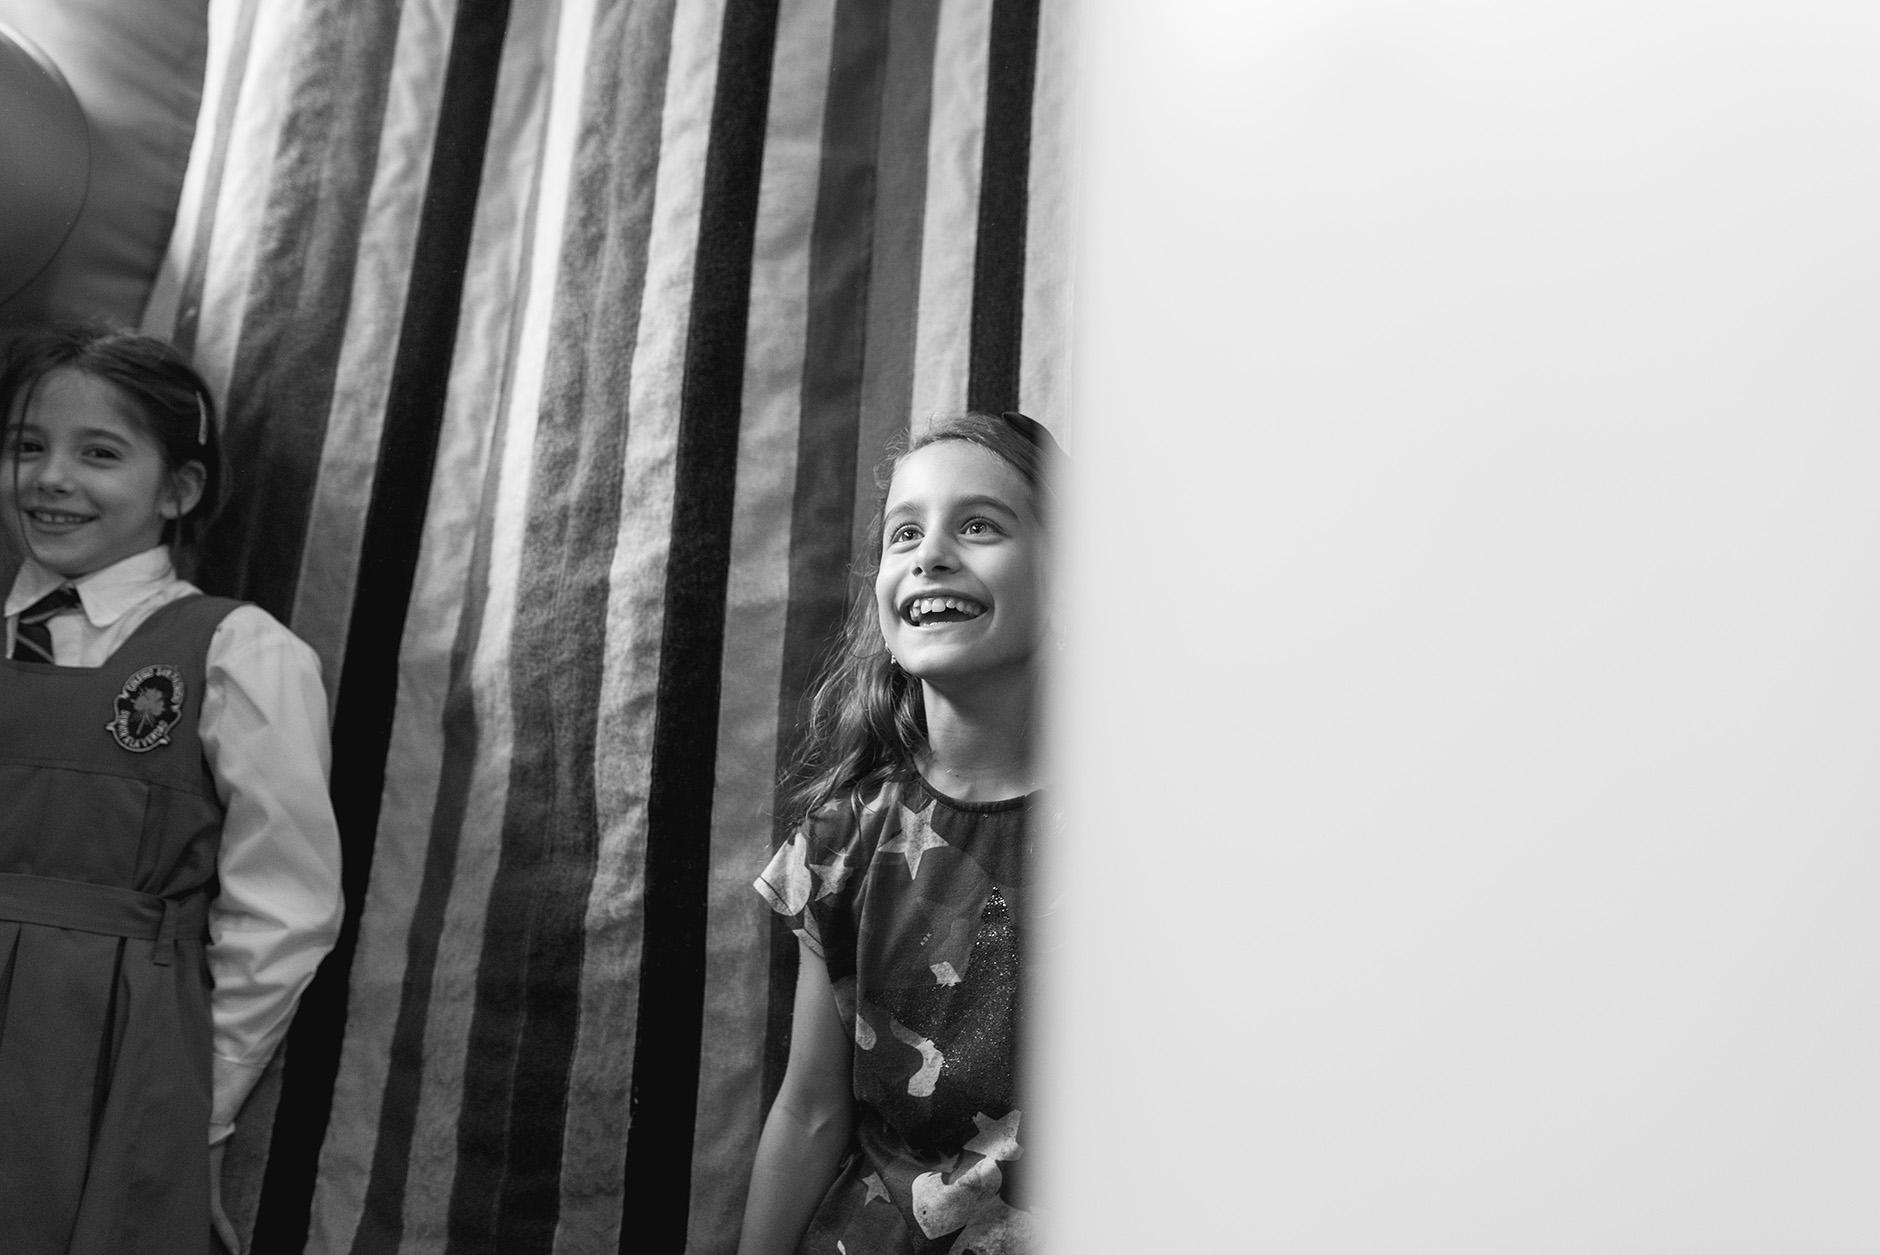 Fotos del cumple de Galo en Rosario realizadas por Bucle Fotografias Blor Bosio y Caro Clerici